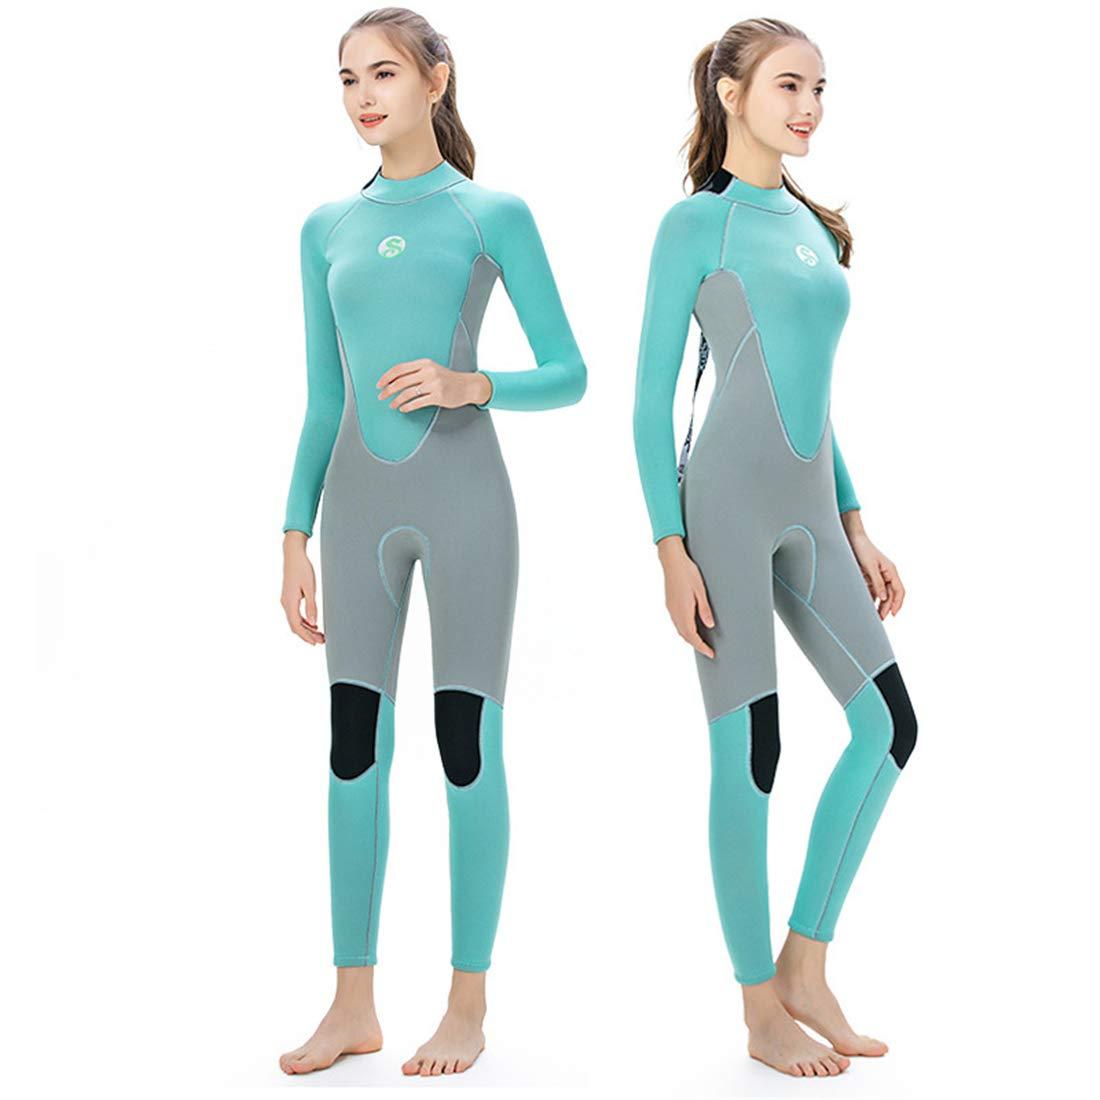 売り切れ必至! 3mm 3mm ネオプレン女性暖かいウェットスーツ水泳ウィンドサーフィンシュノーケリングスピアフィッシングスキューバスーパー薄い柔らかい快適なダイビングスーツ,S B07NY89R16 B07NY89R16 X-Large X-Large X-Large, LAPIA:5026d13a --- arianechie.dominiotemporario.com